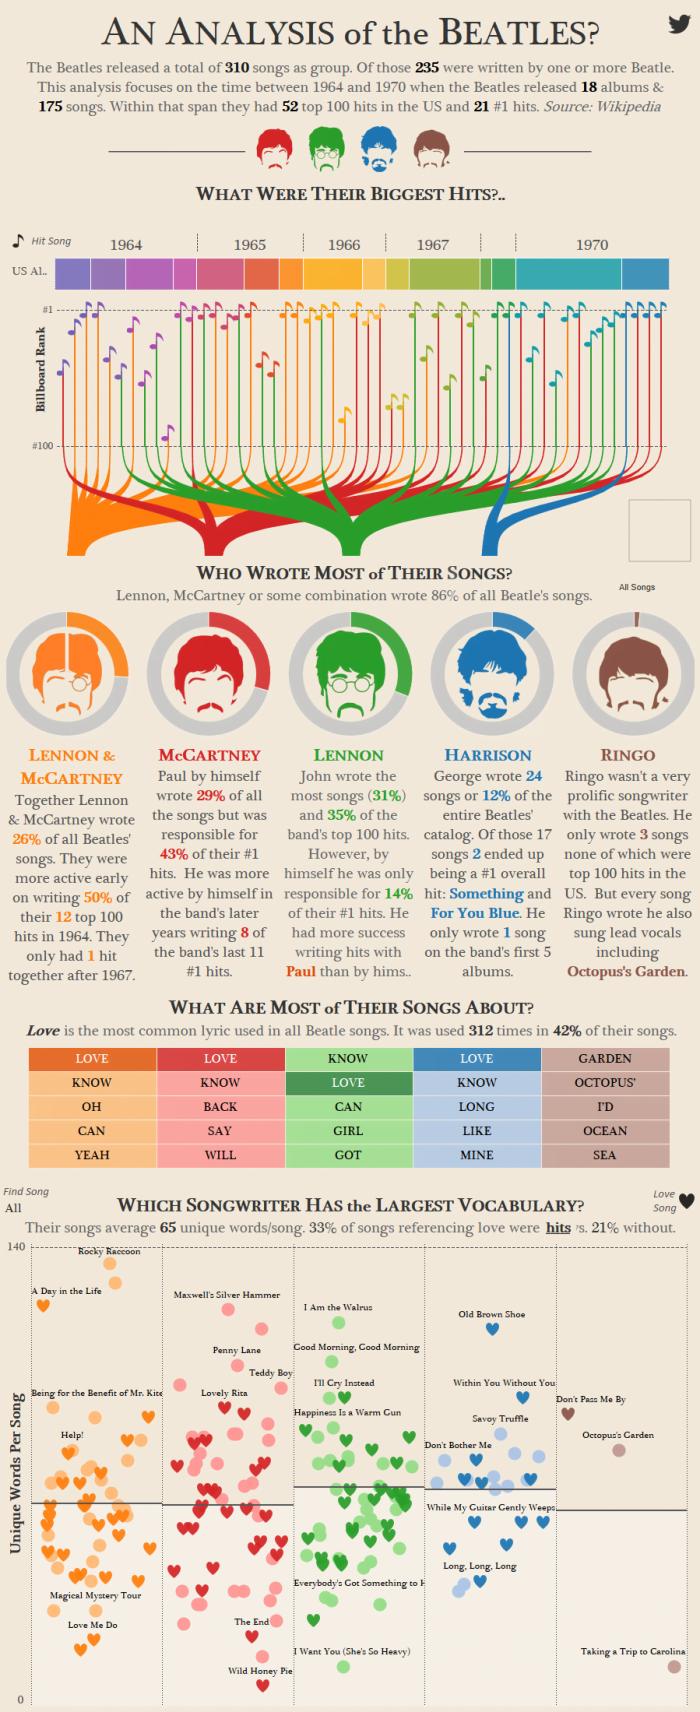 Beatles-Analysis-700x1712 Infographie : petite analyse des Beatles et de leurs chansons...